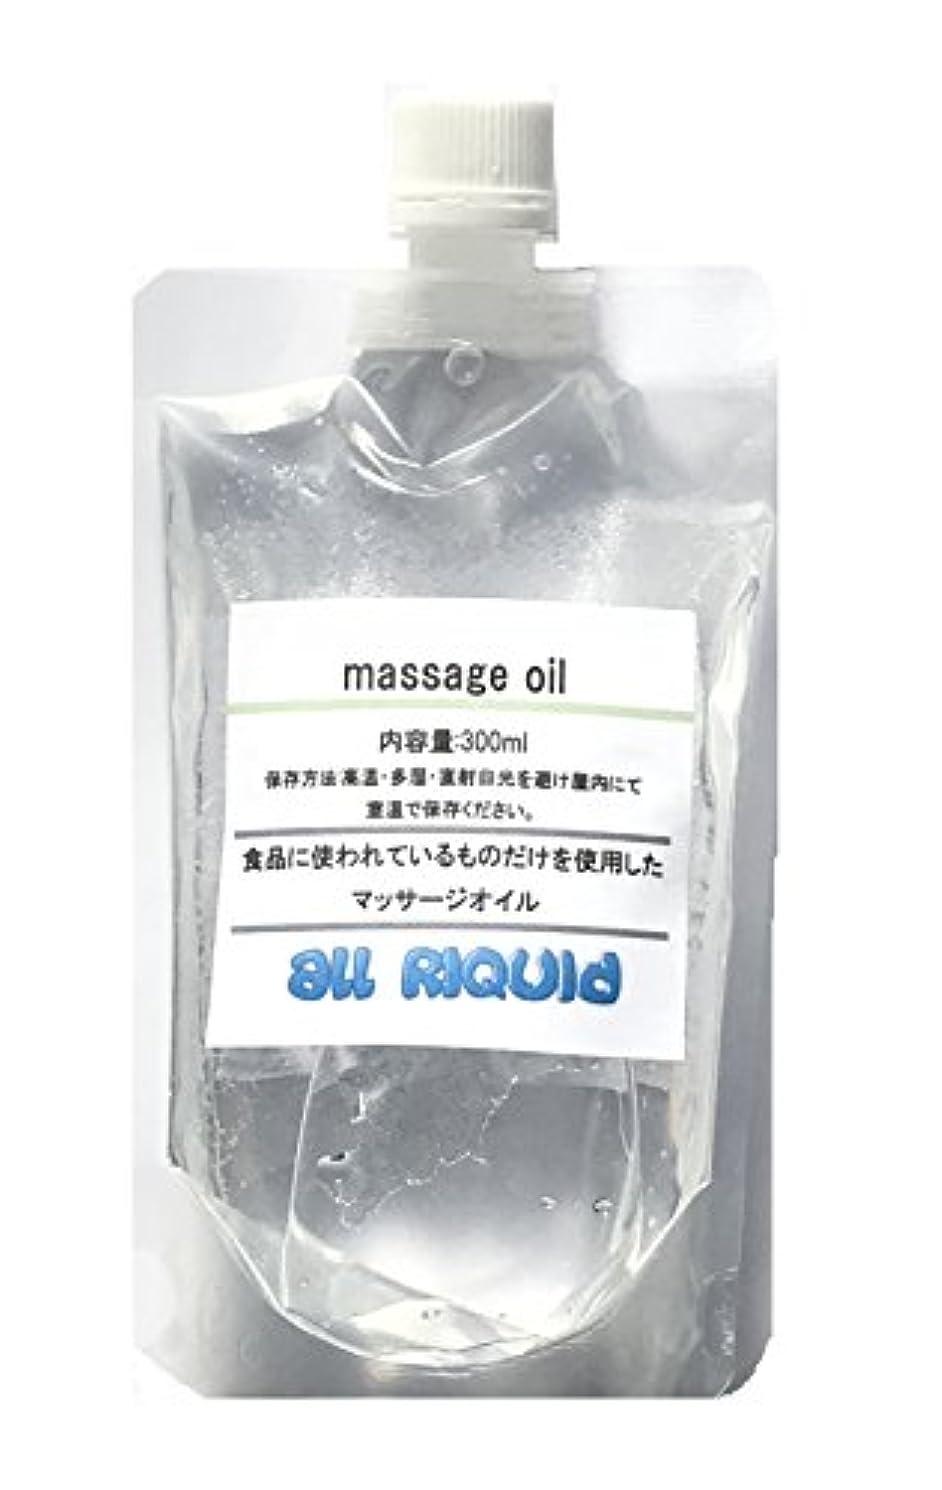 病気期待して畝間(国産) 食品に使われているものしか入っていないアロママッサージオイル 優雅 ローズオイル入り オールリキッド 300ml (グリセリン クエン酸) 配合 大容量